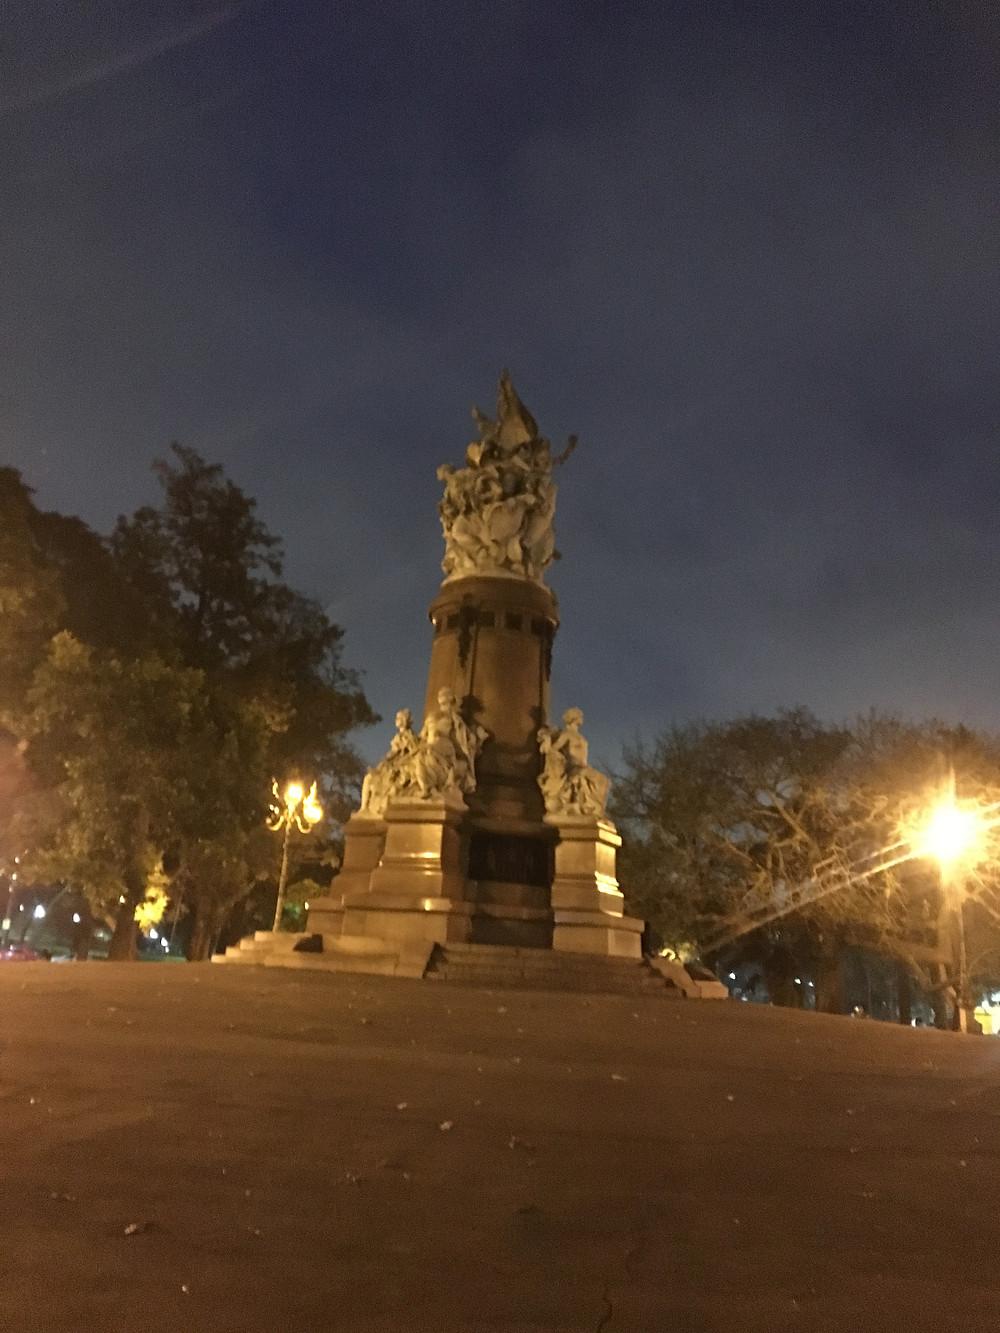 Viaje com pouco - Plaza Intendente Alvear